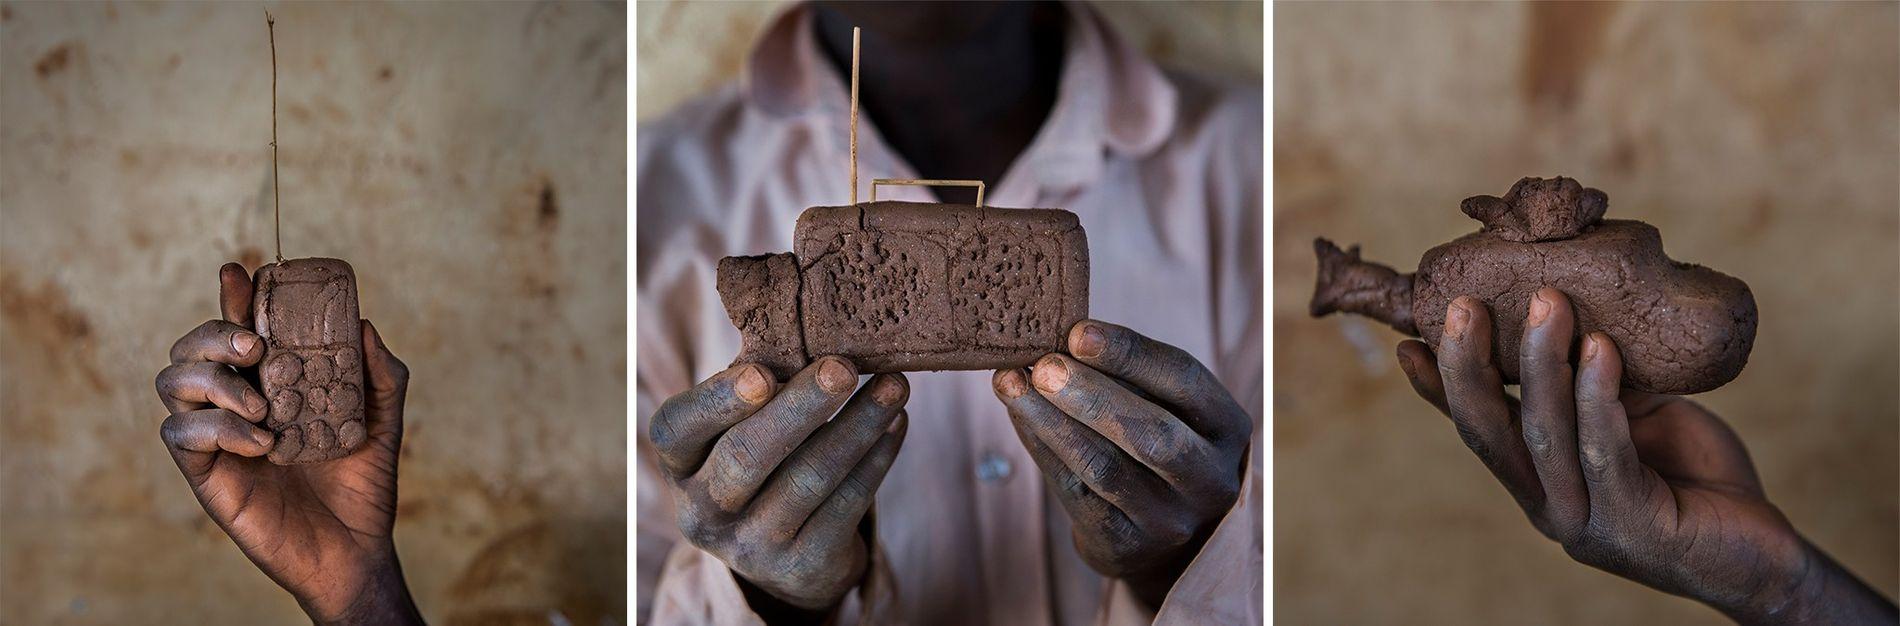 Um telemóvel, um rádio e um helicóptero, todos feitos de lama, demonstram o engenho dos habitantes ...